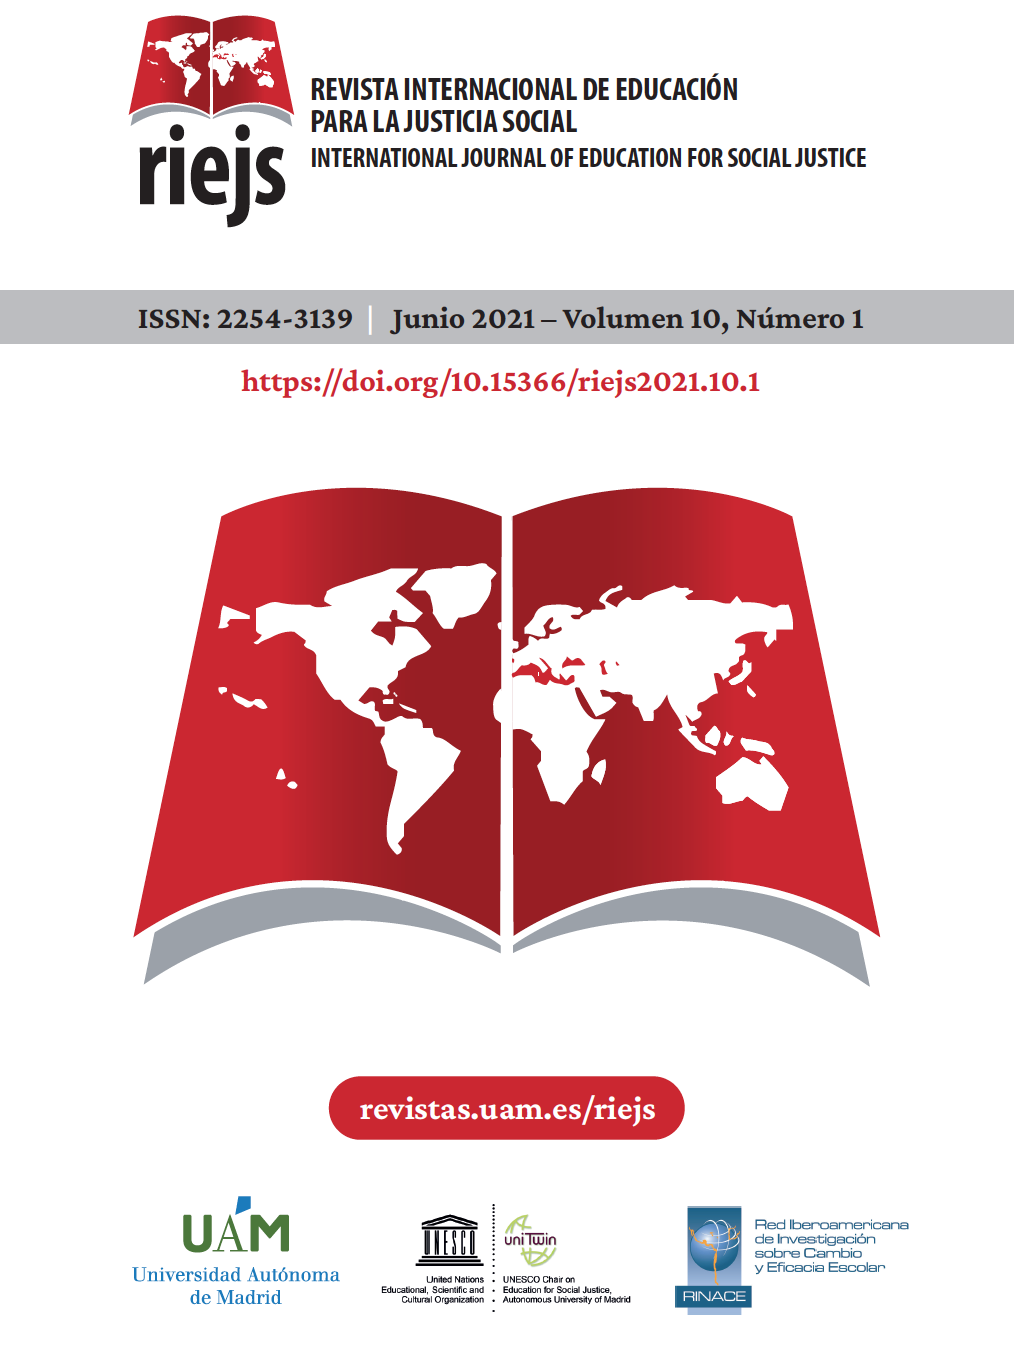 Portada del Volumn 10, número 1 de la Revista Internacional de Educación para la Justicia Social